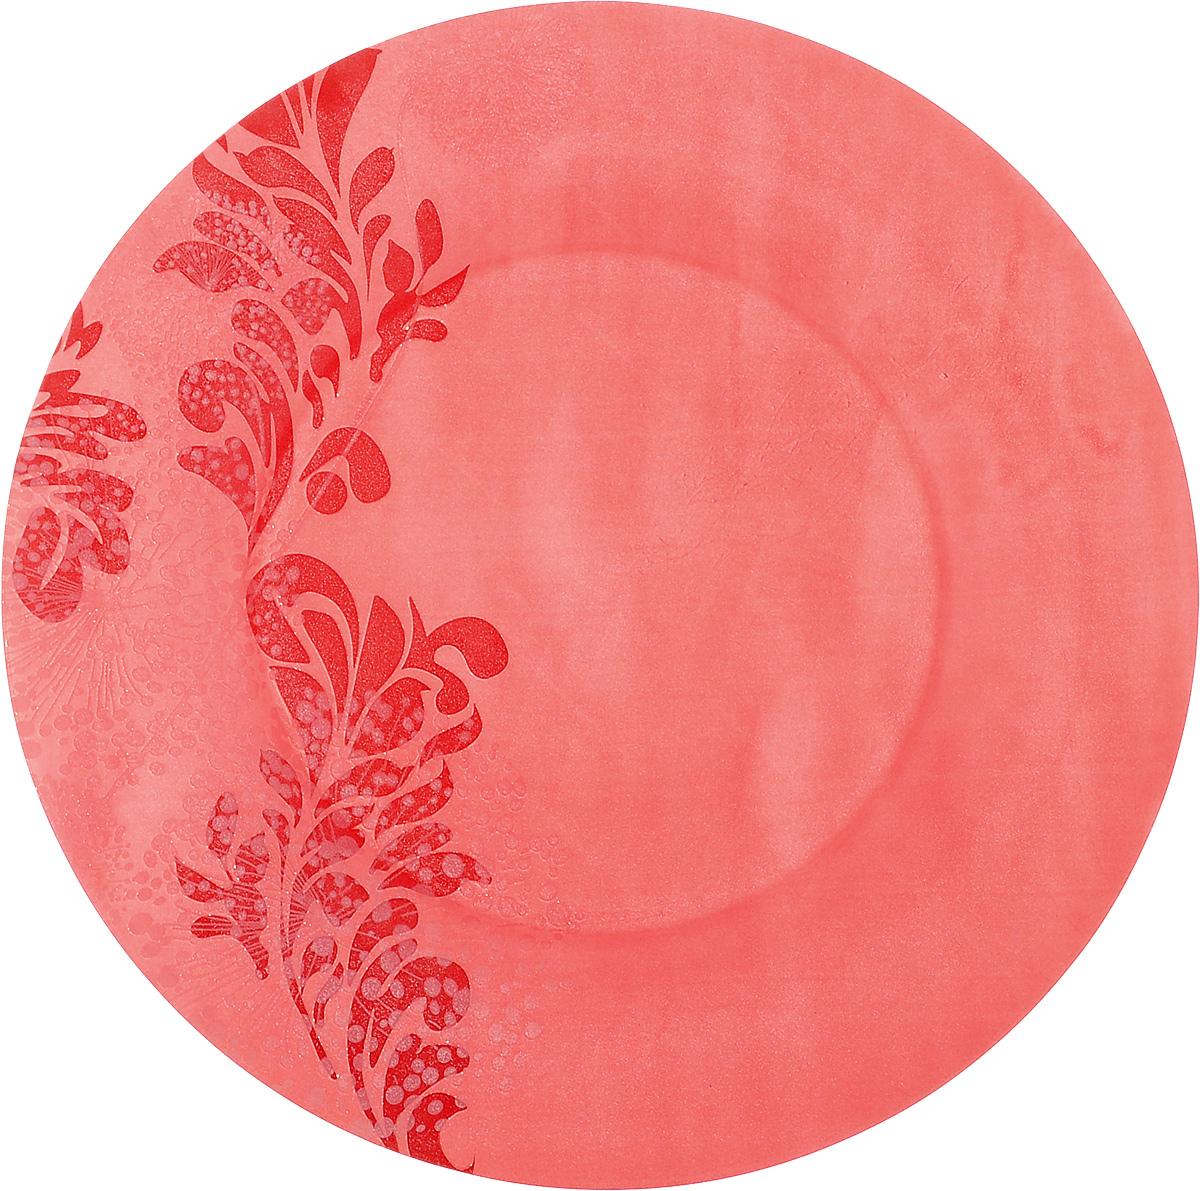 Тарелка обеденная Luminarc Piume Red, диаметр 25 смJ7537Обеденная тарелка Luminarc Piume Red, изготовленная из ударопрочного стекла, имеет изысканный внешний вид. Яркий дизайн придется по вкусу и ценителям классики, и тем, кто предпочитает утонченность. Тарелка Luminarc Piume Red идеально подойдет для сервировки вторых блюд из птицы, рыбы, мяса или овощей, а также станет отличным подарком к любому празднику.Диаметр тарелки (по верхнему краю): 25 см.